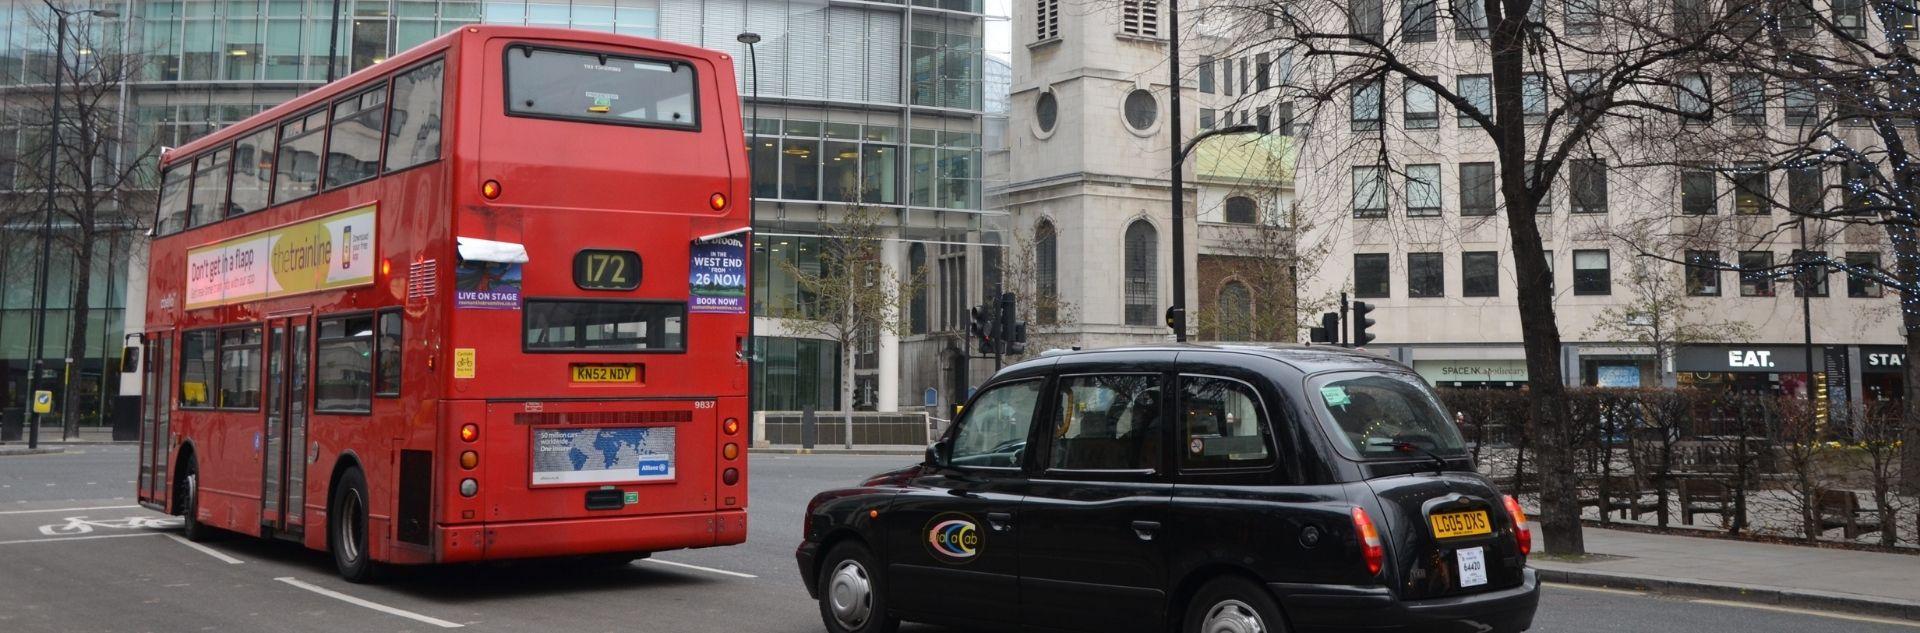 roter Doppeldeckerbus und schwarzes Taxi in der Londoner City